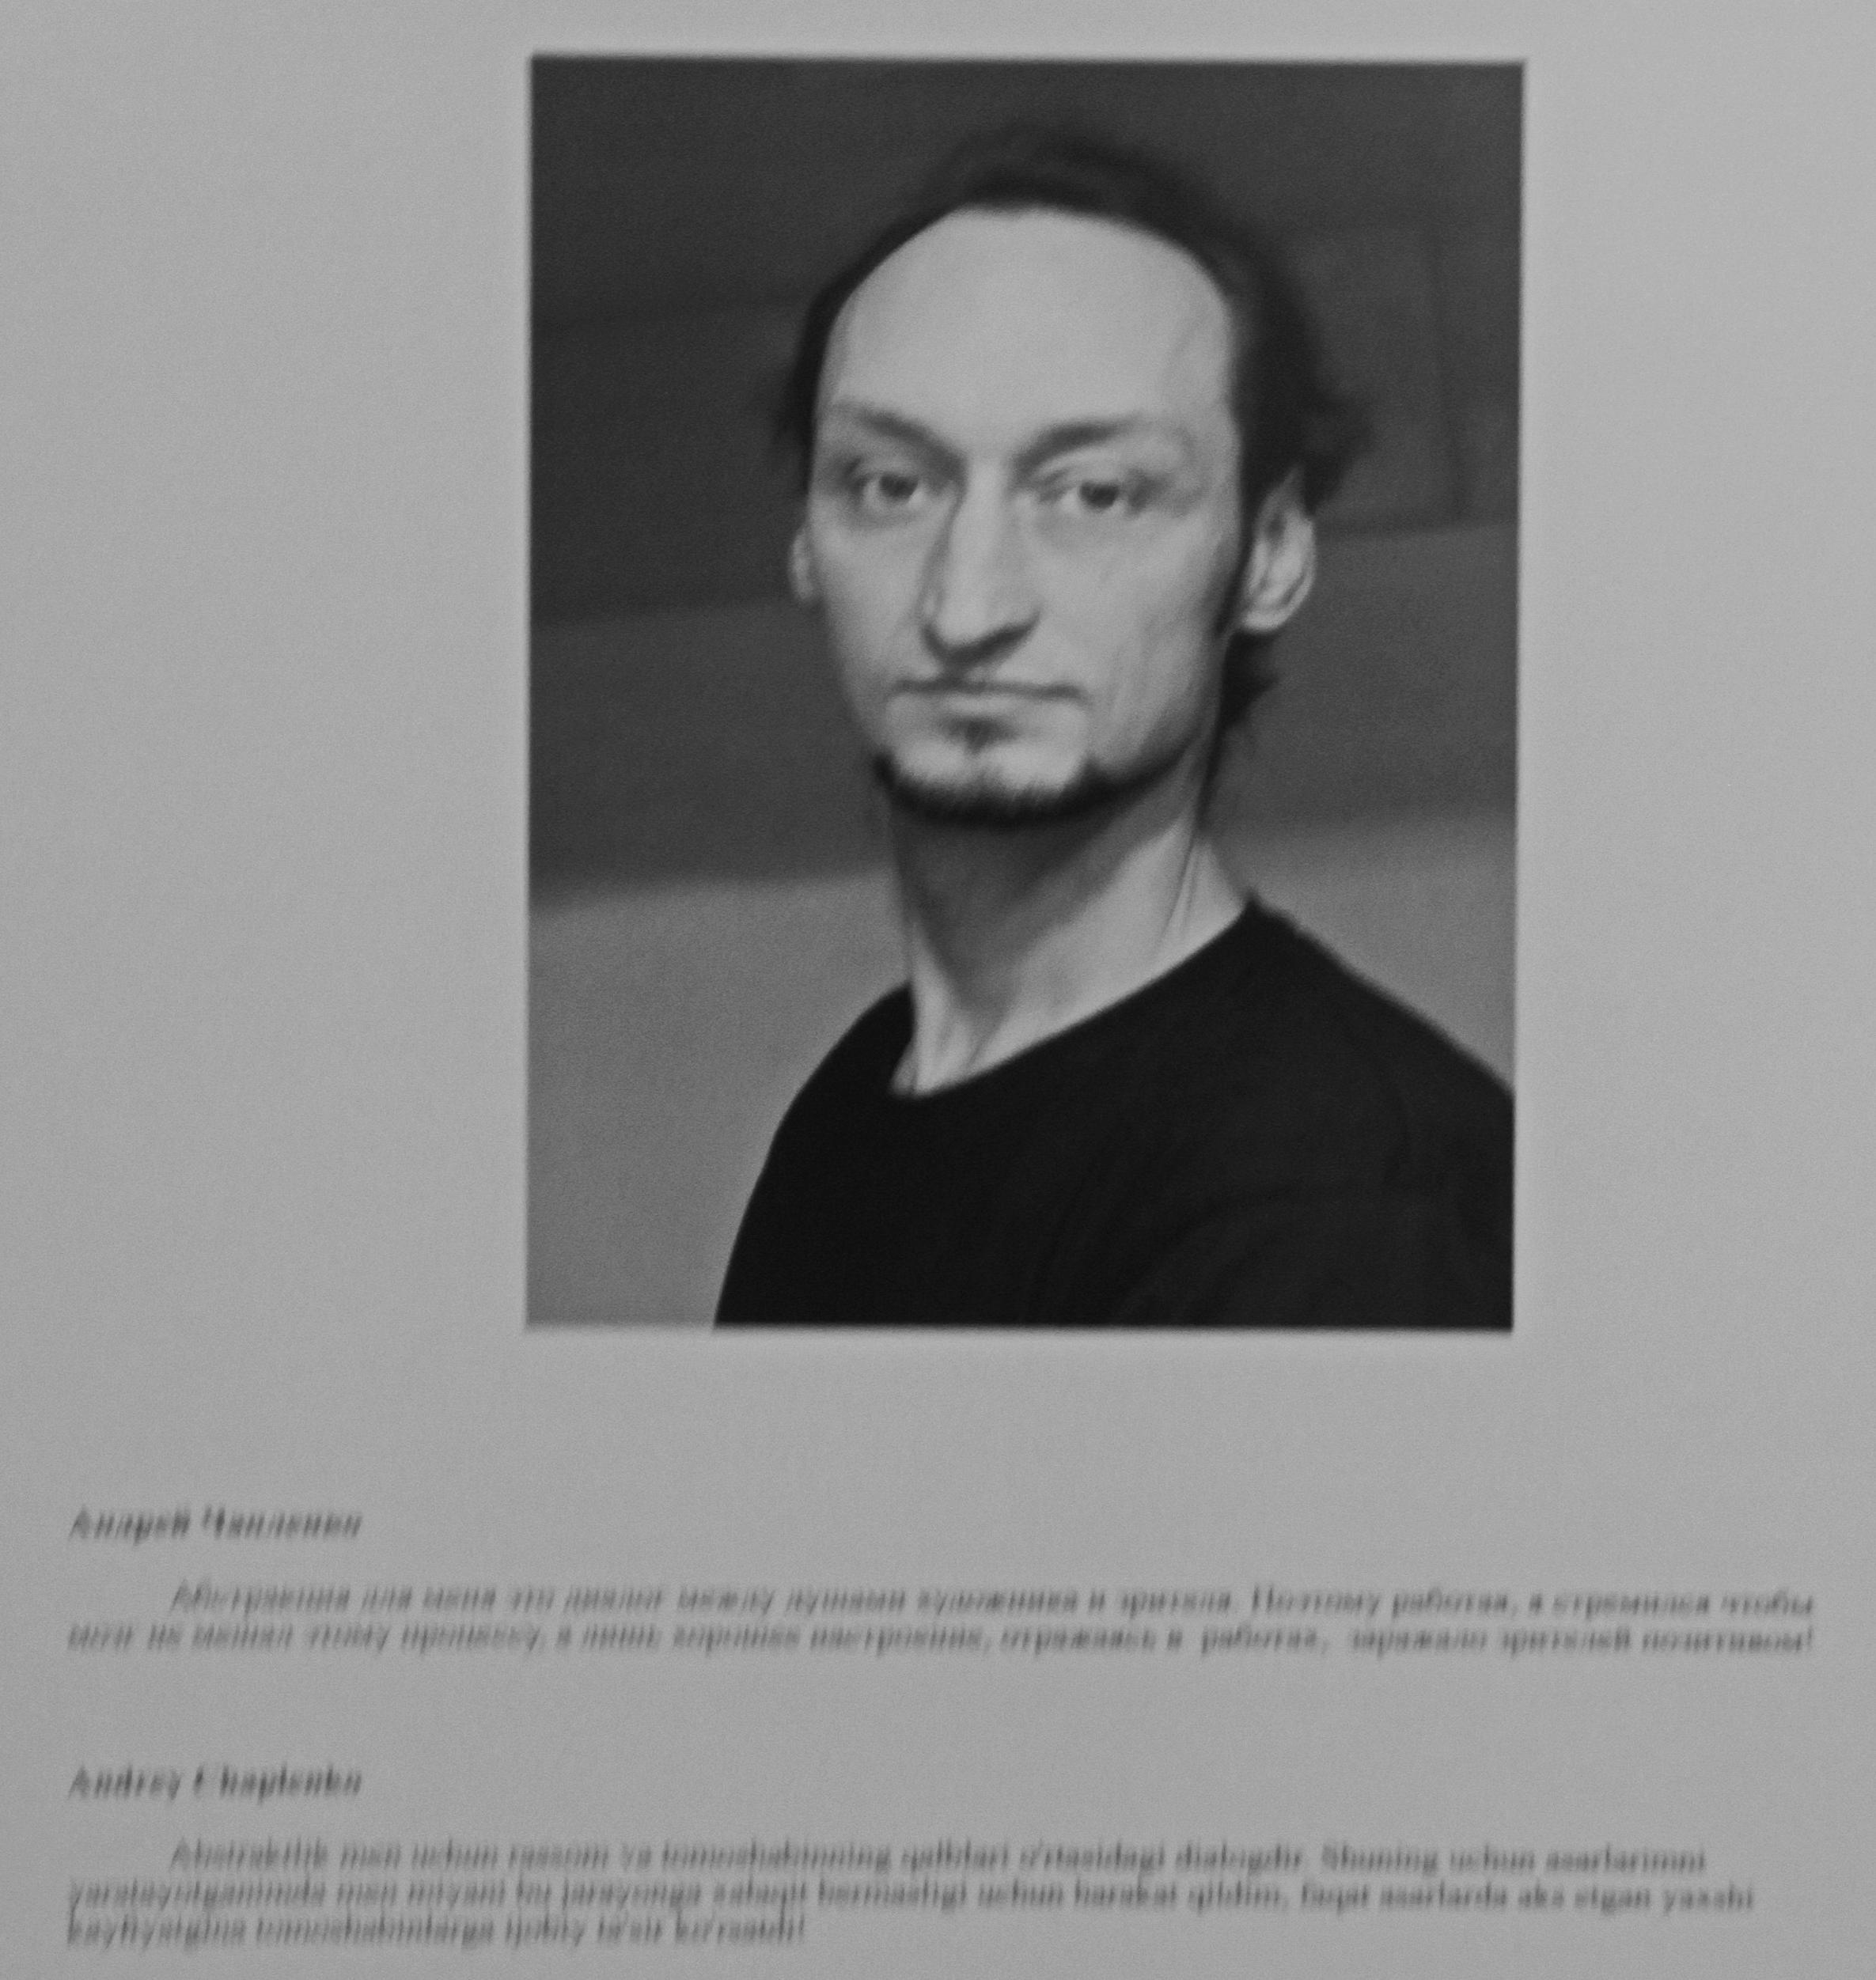 Андрей Чапленко